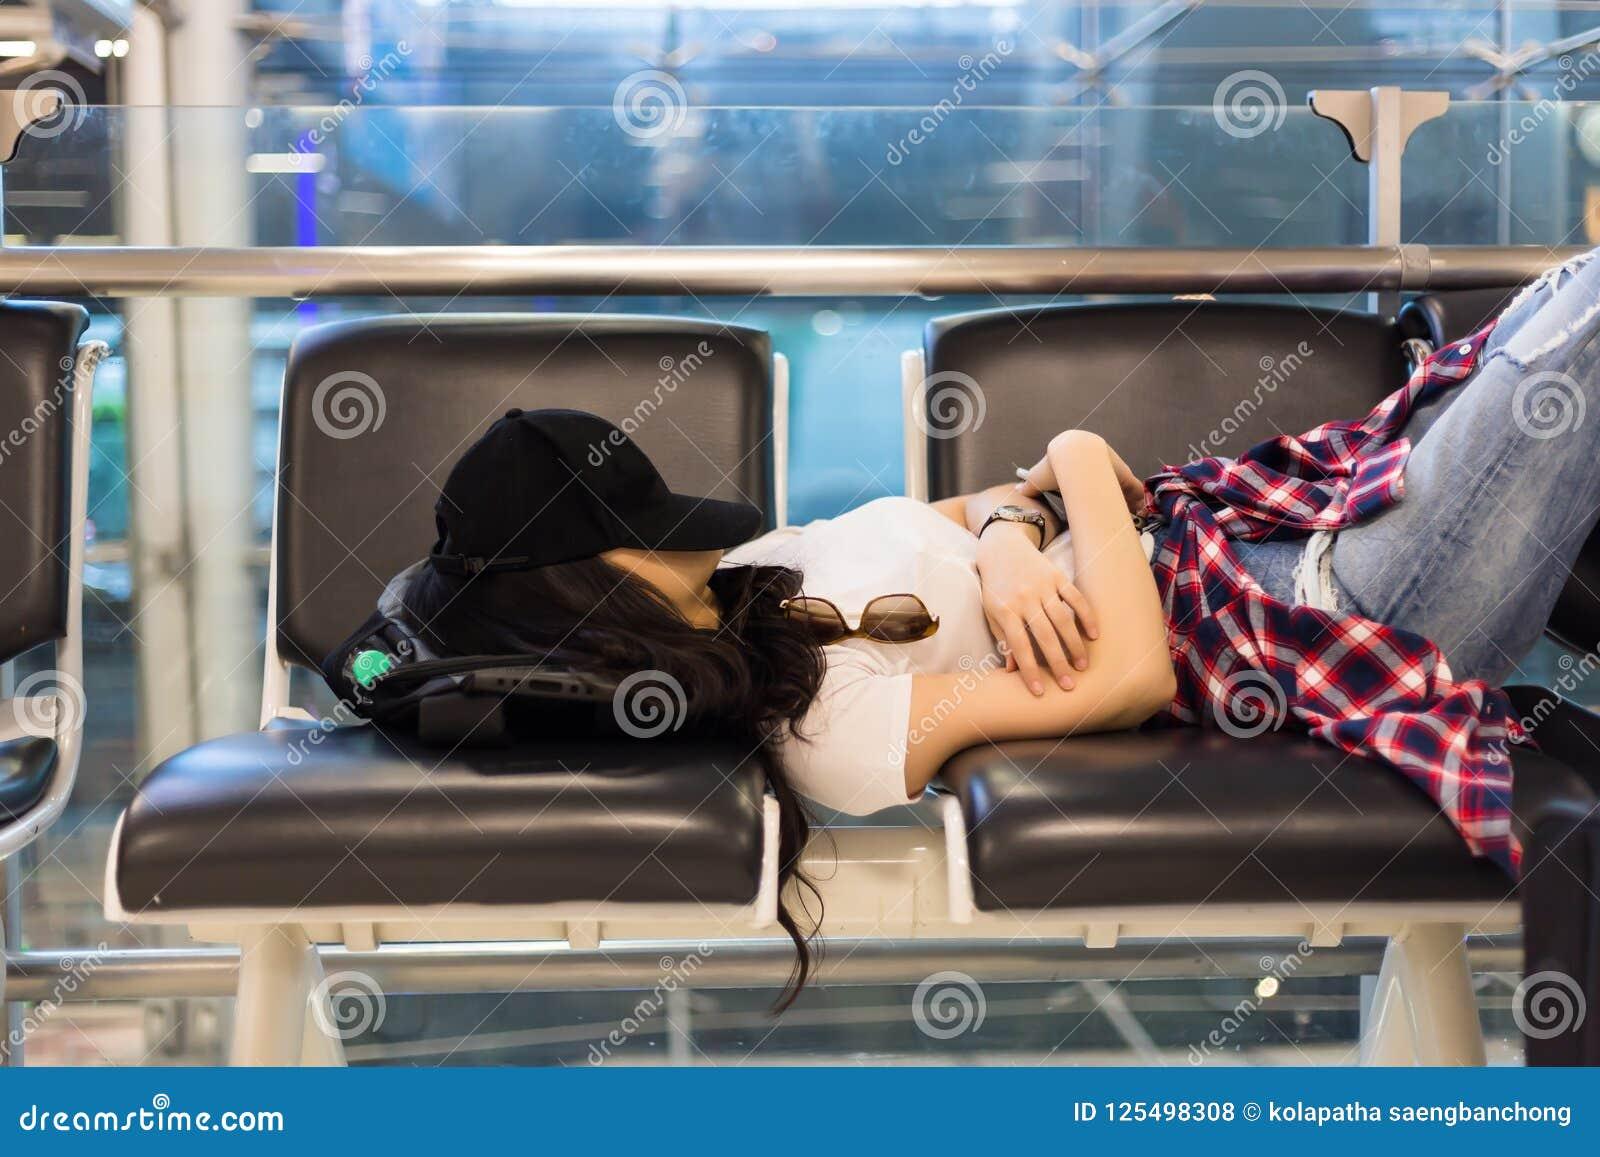 La sensation attrayante de femme essayée et étant ennuyeuse, vol obtiennent en retard, retard